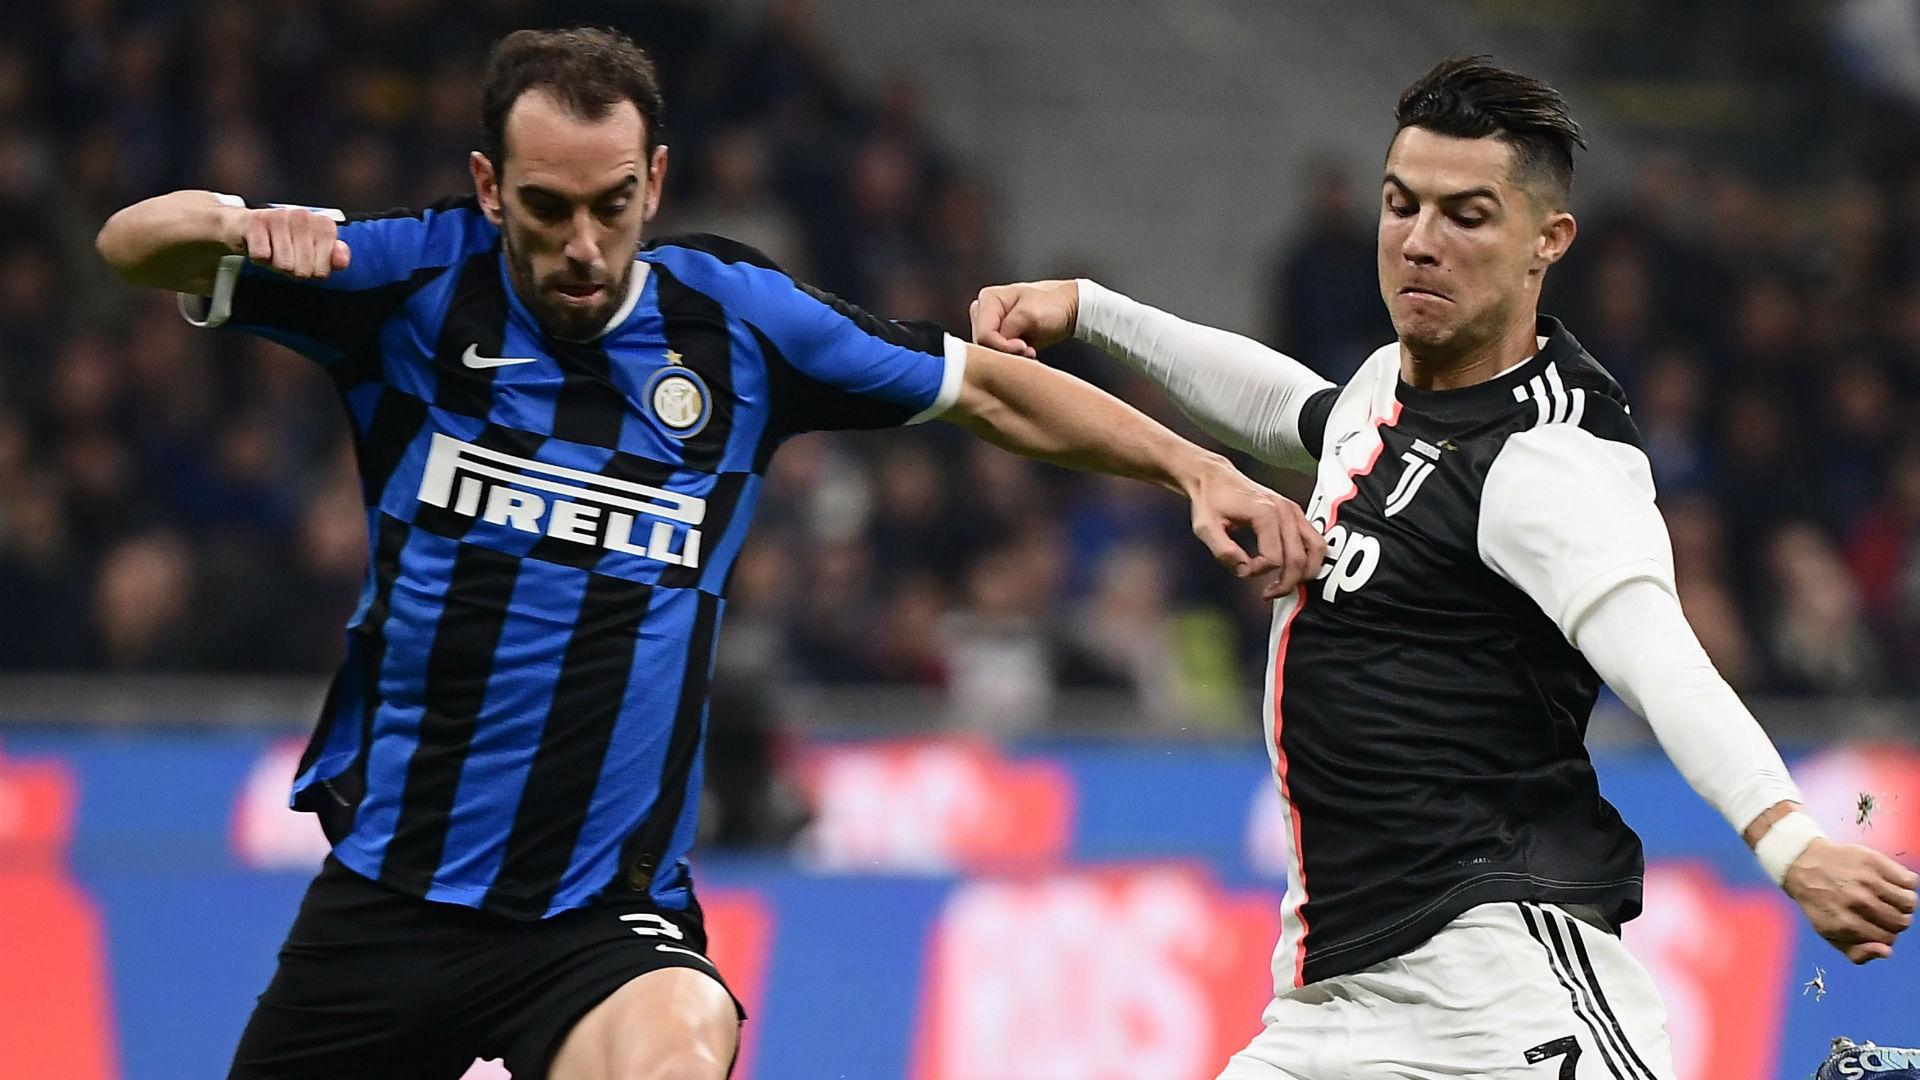 Juventus-Inter, le probabili formazioni: Ronaldo ci sarà, Eriksen ...